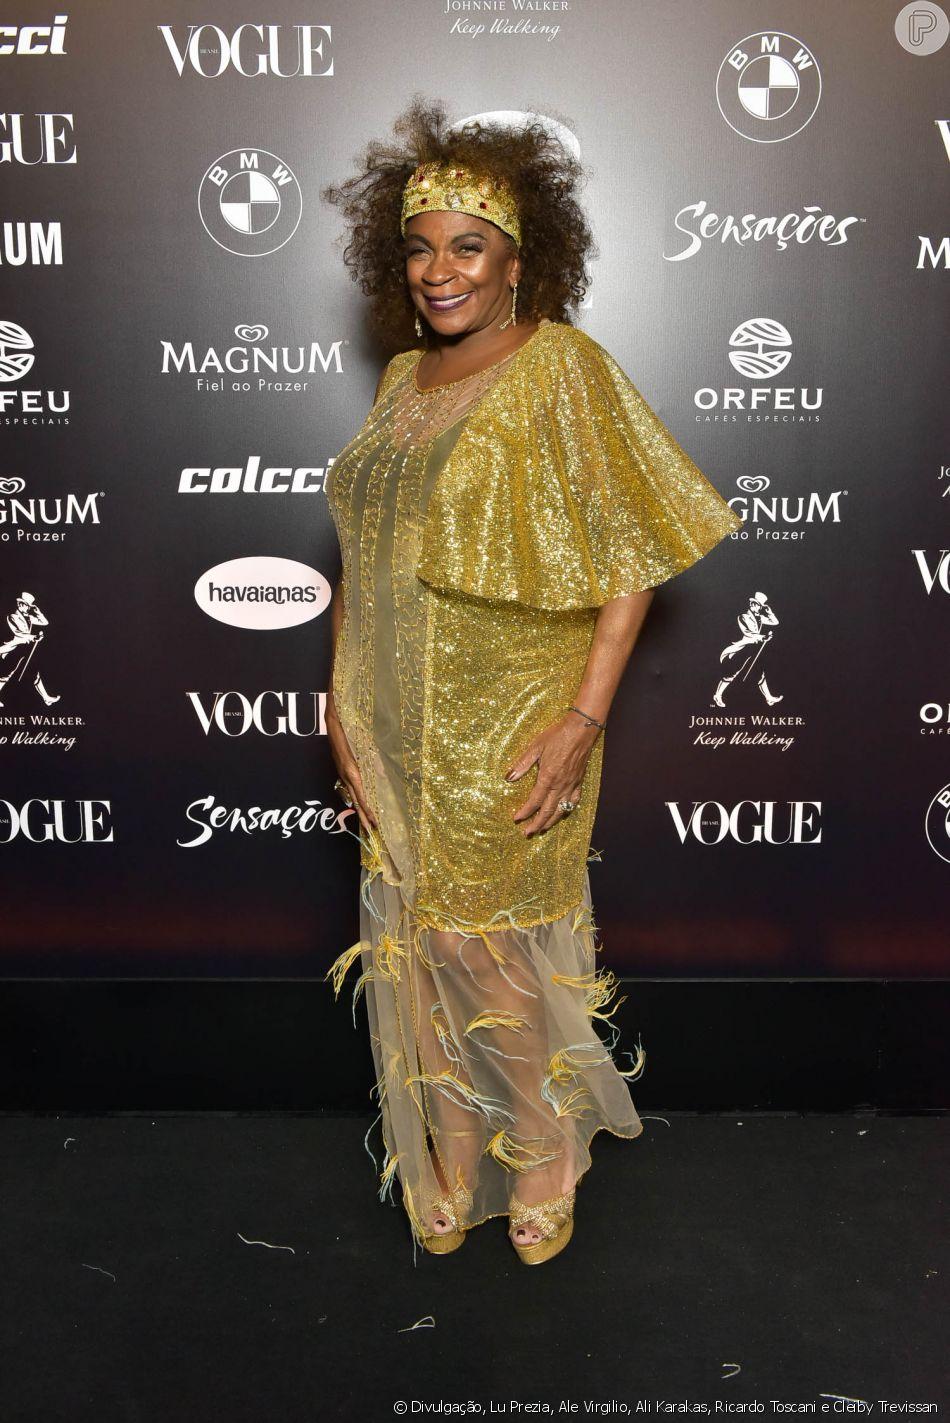 91d01f0750117 Baile da Vogue  Zezé Motta de dourado com transparência plumas e babados